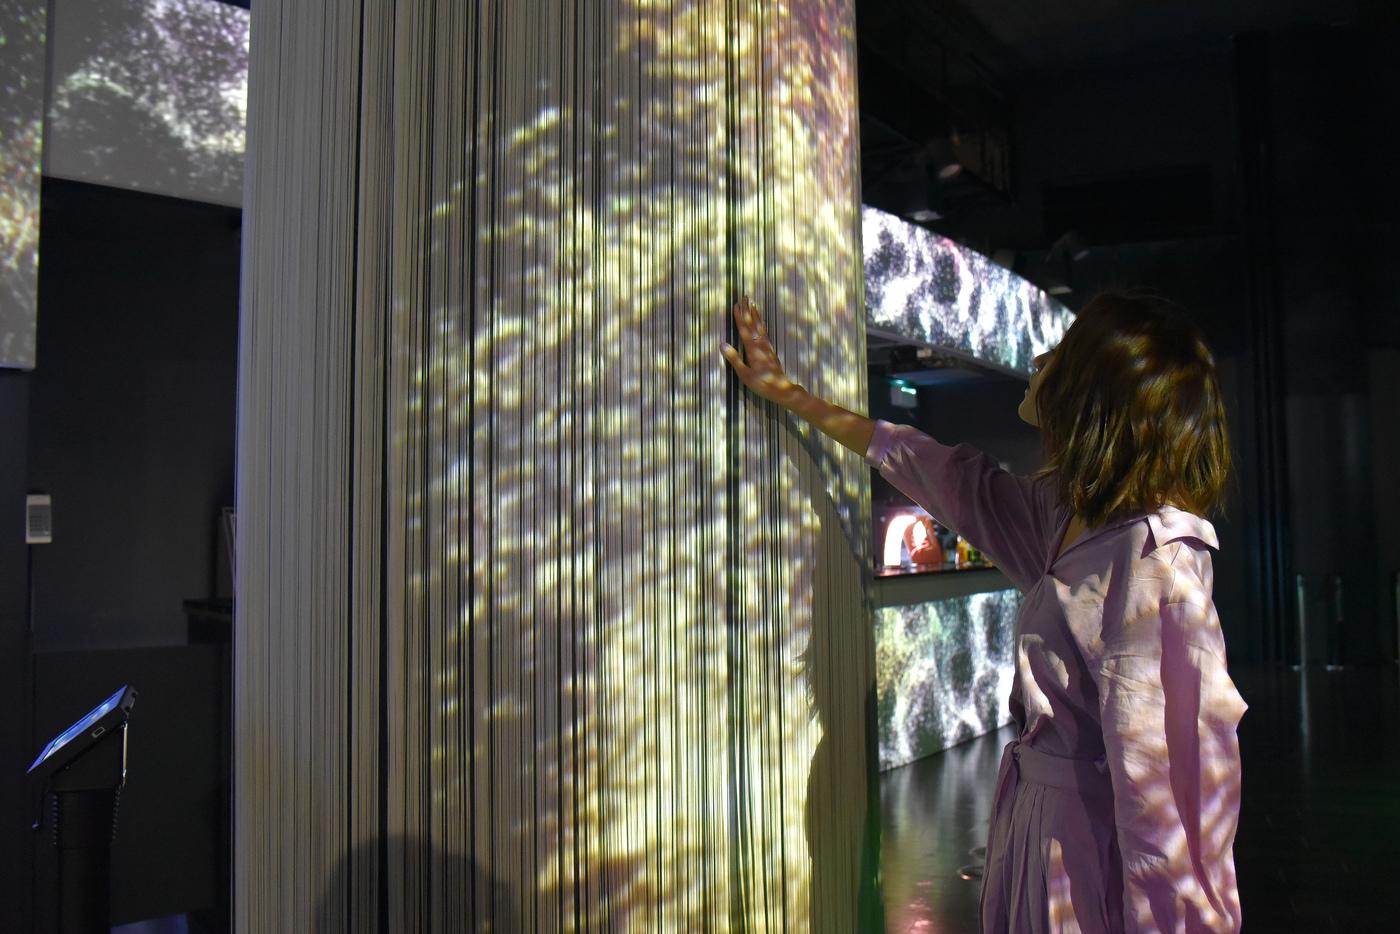 都会で楽しむ大人の水族館!フラワーアクアリウムが期間限定で開催中の10枚目の画像